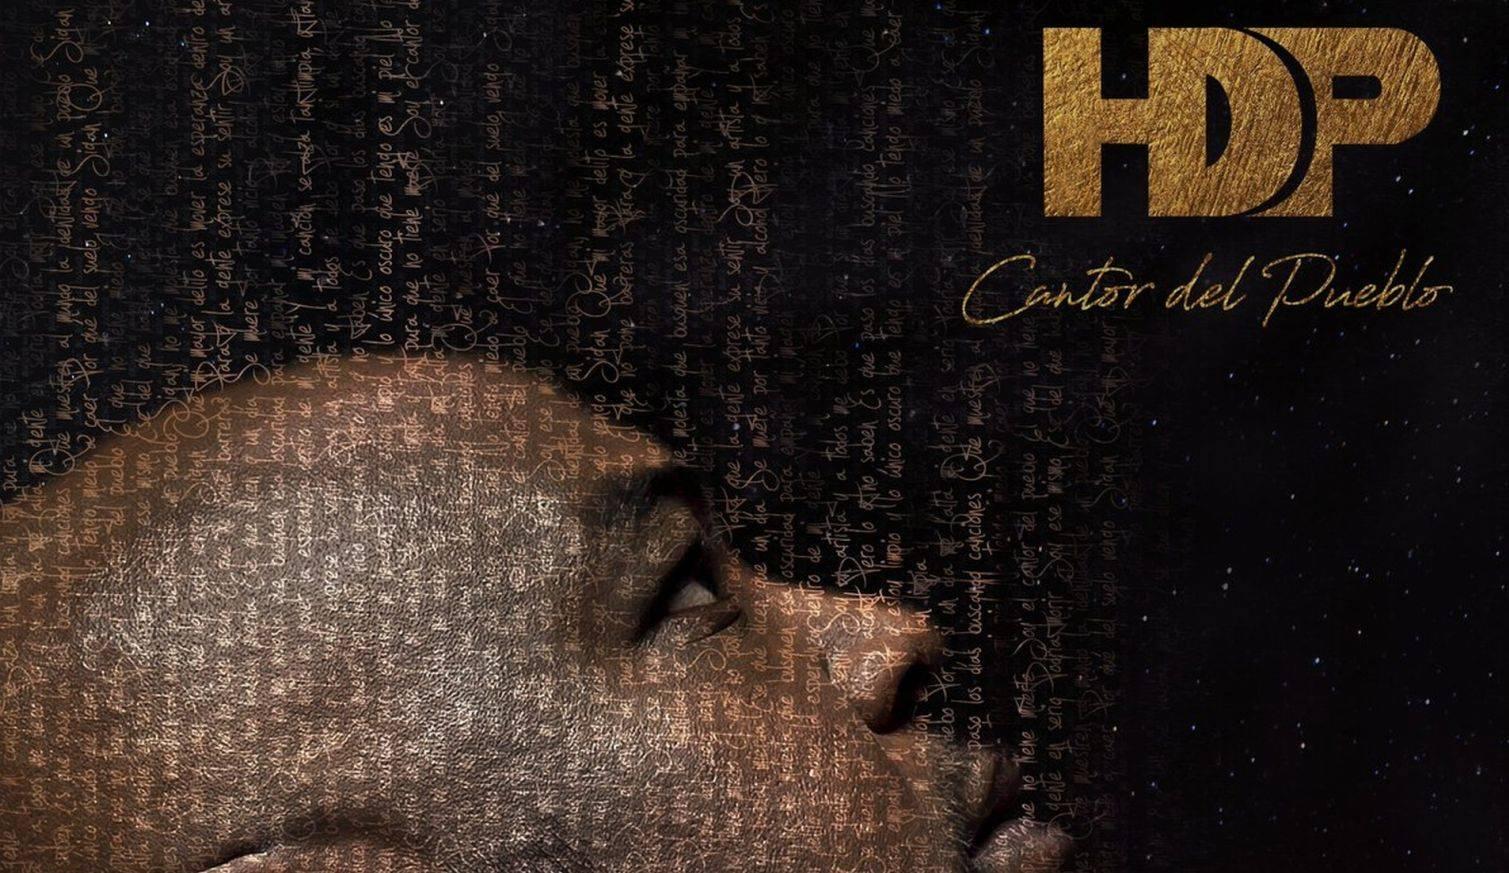 Cover of the album Cantor de pueblo. Photo: Páfata Productions.